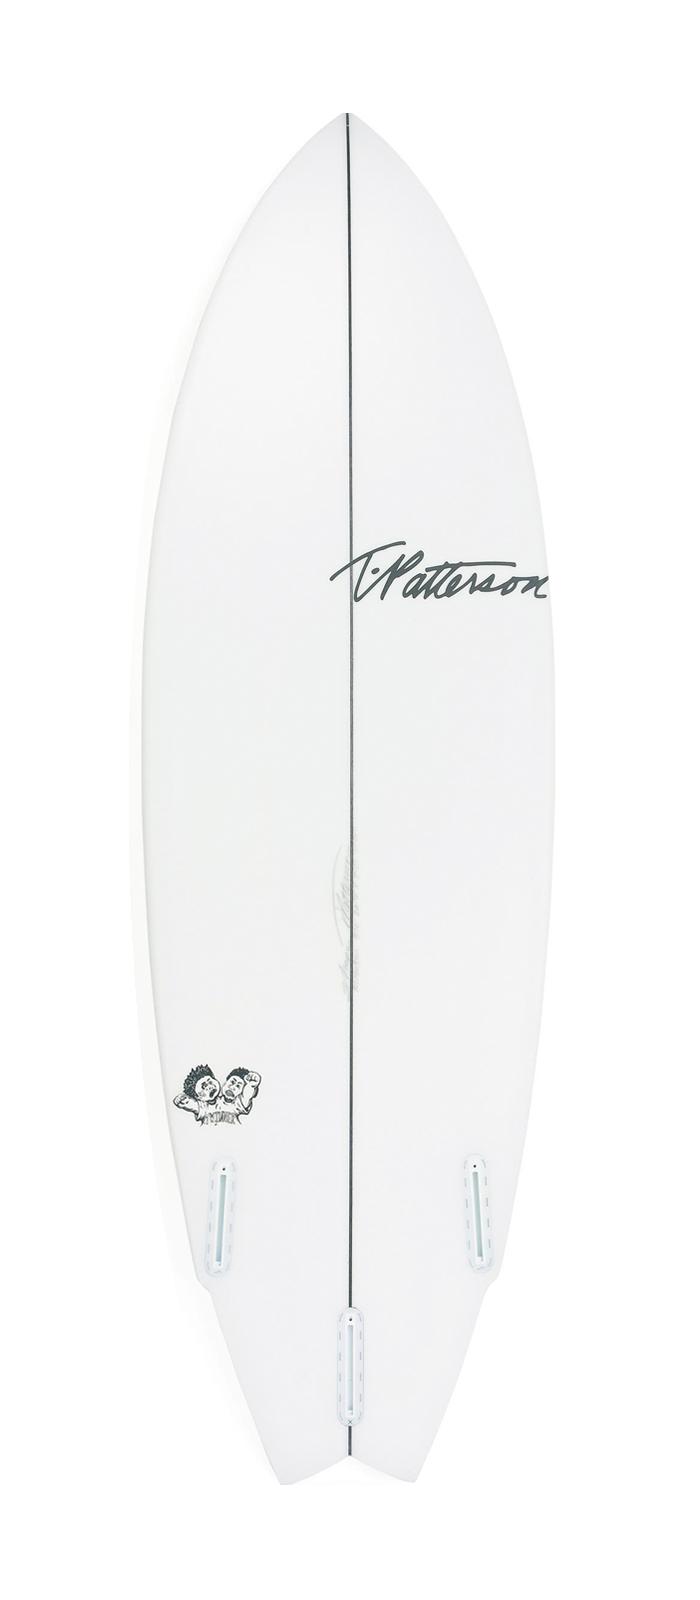 Twinner surfboard model bottom